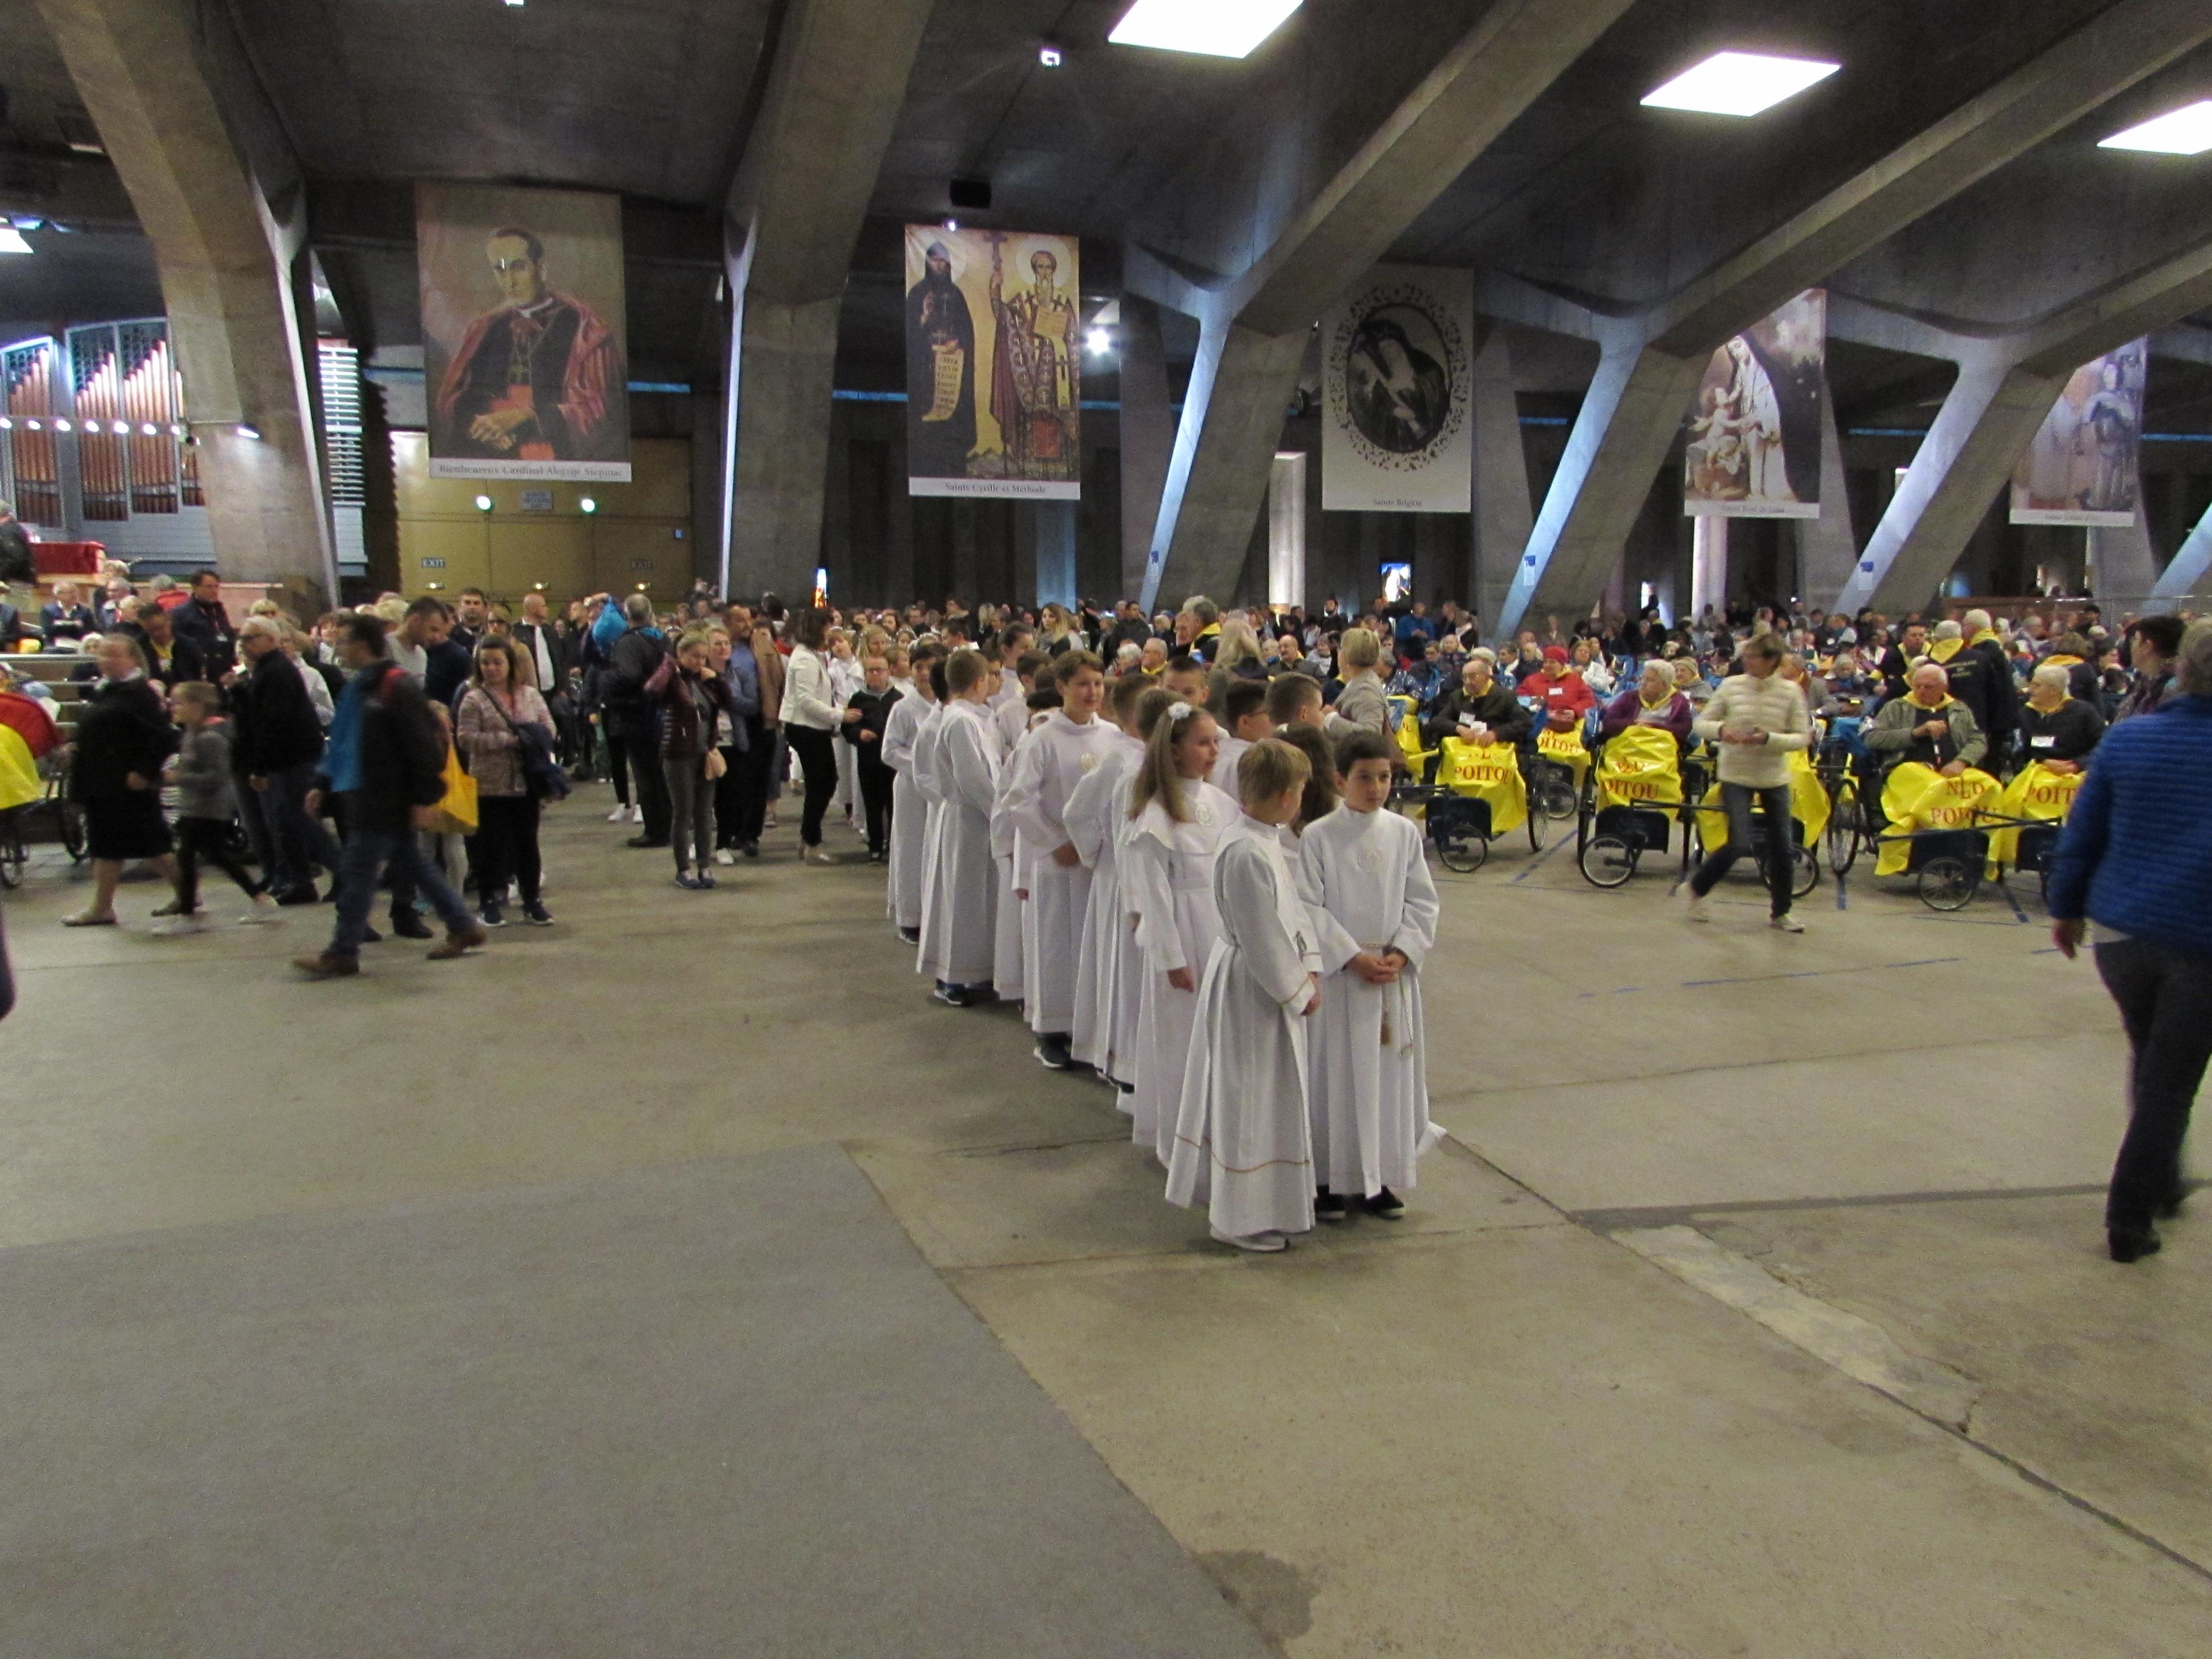 150 - Arrivée des 80 servants d'autel polonais